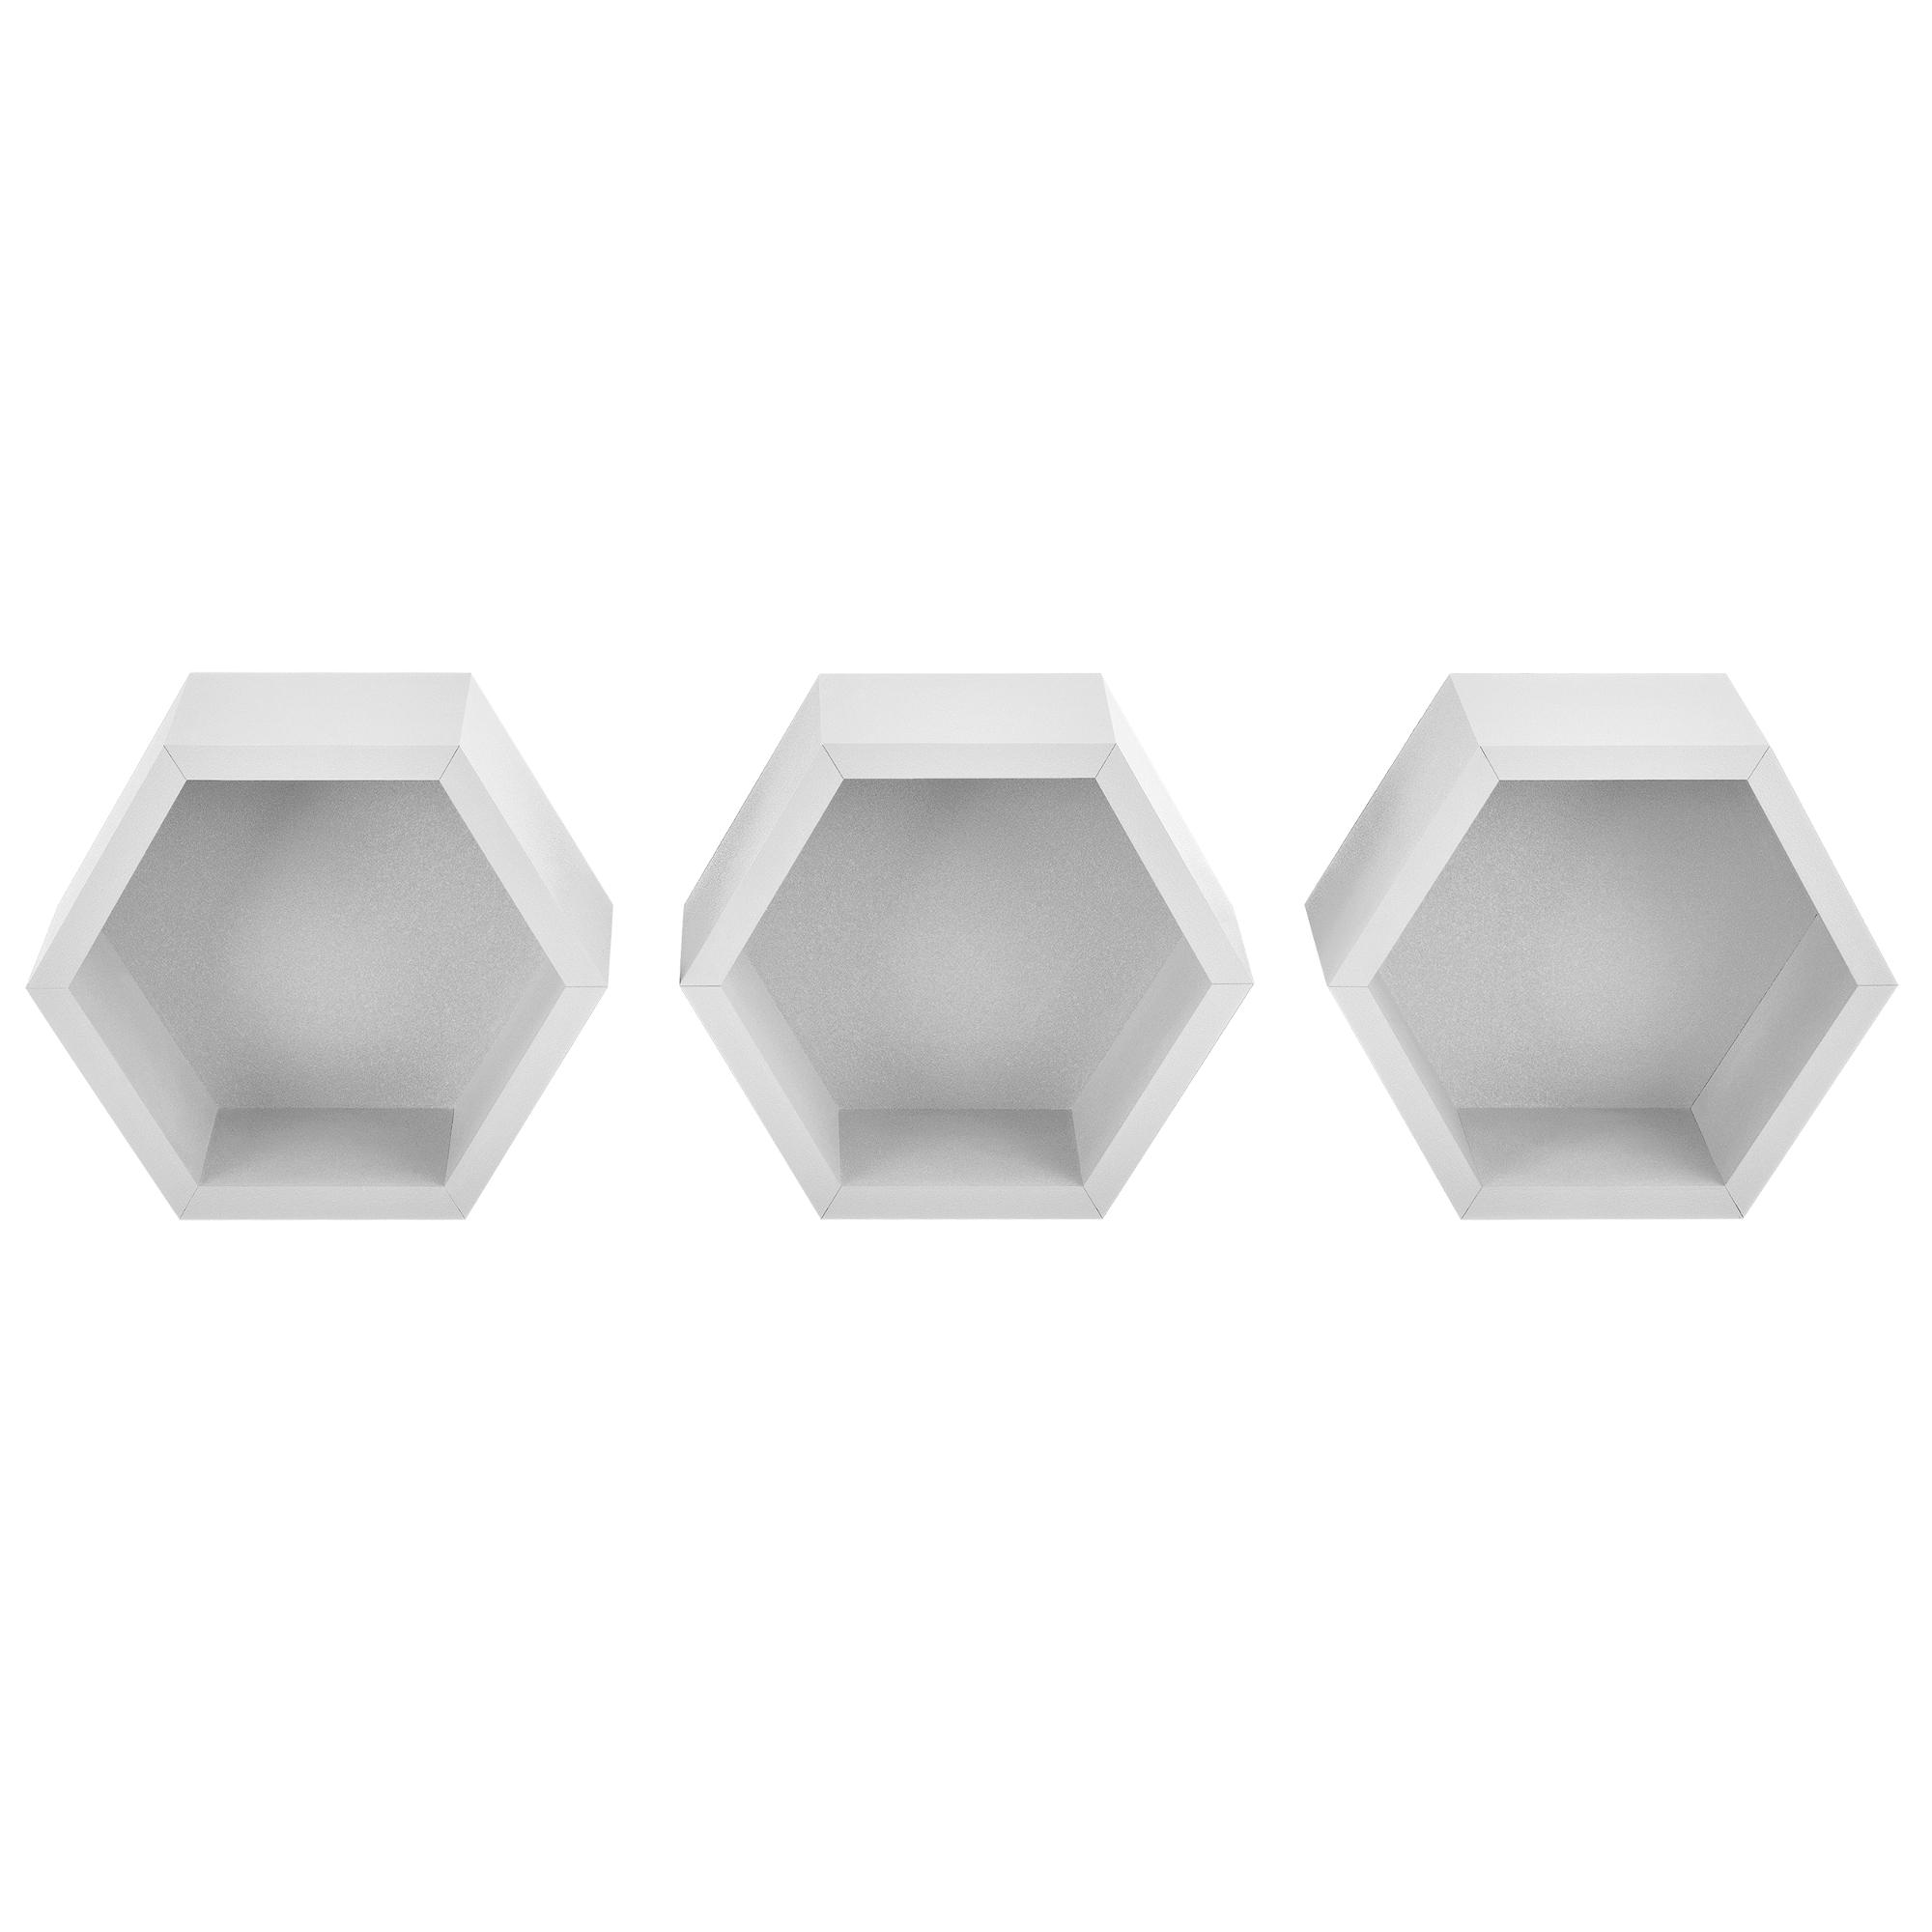 ® 3er Set Sechseck Regal Wandregal Hängeregal Design Wabe Lounge Weiß en.casa